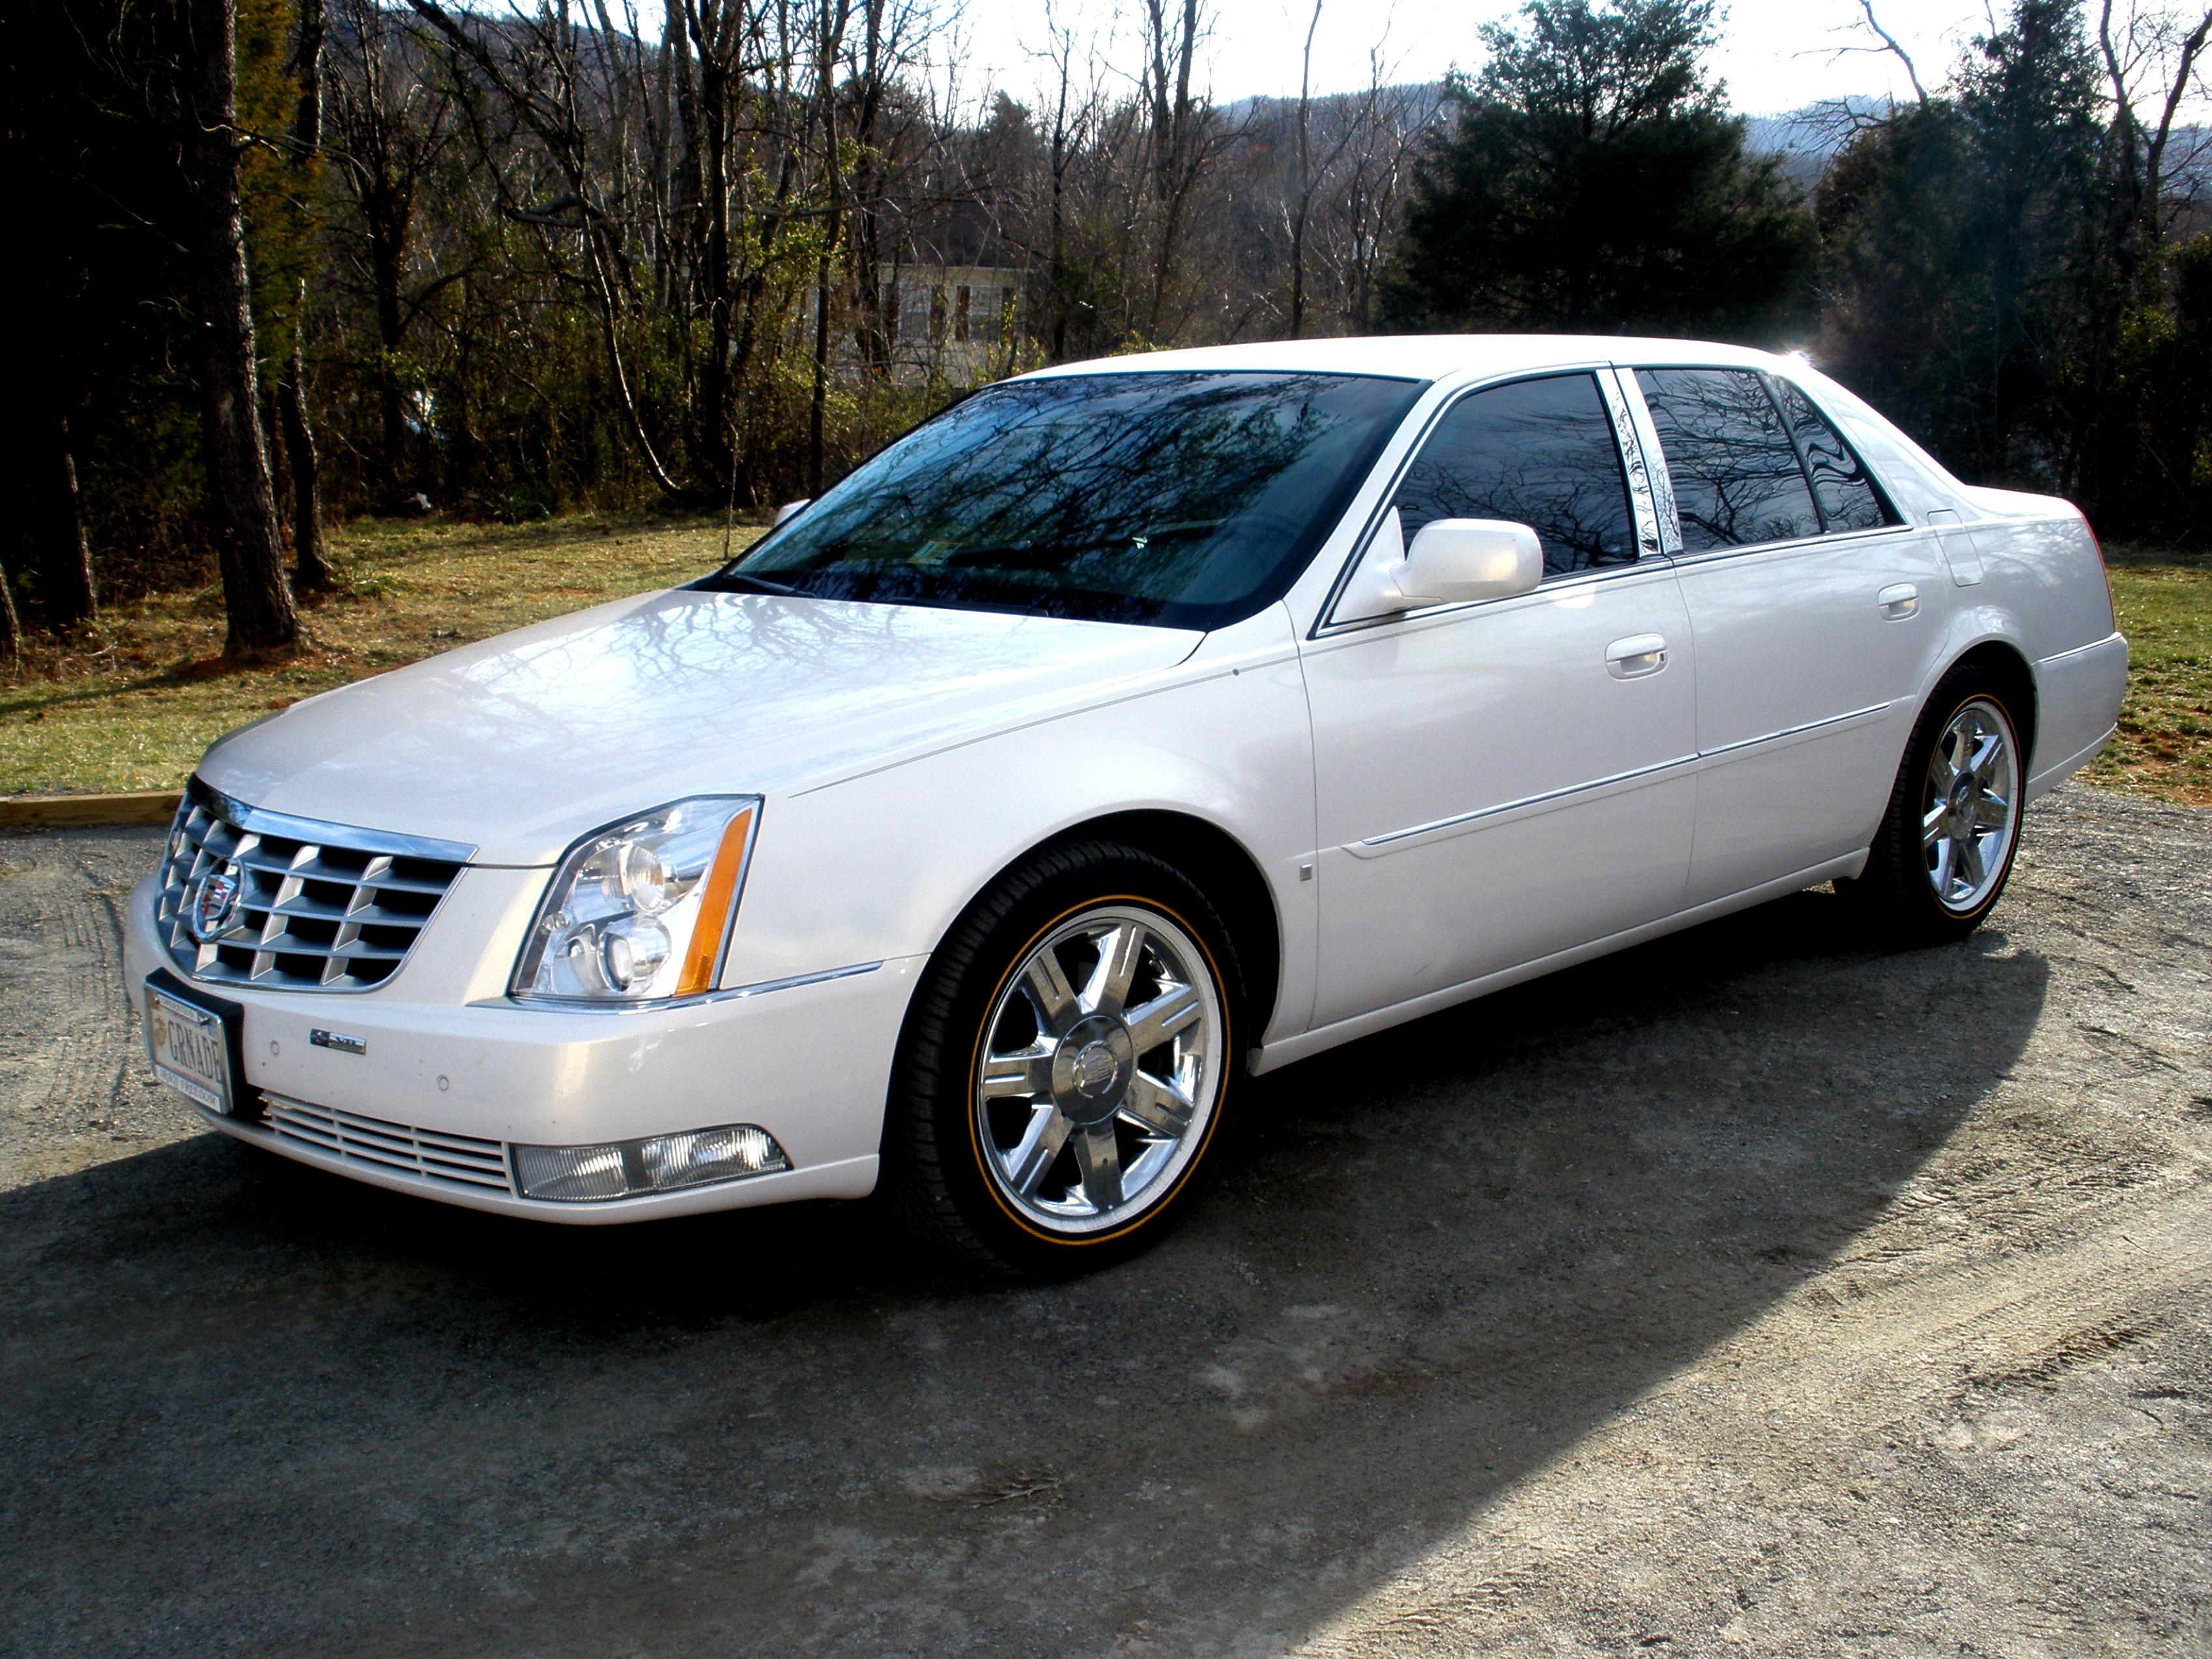 Cadillac Dts 2008 Photos 10 On Motoimg Com